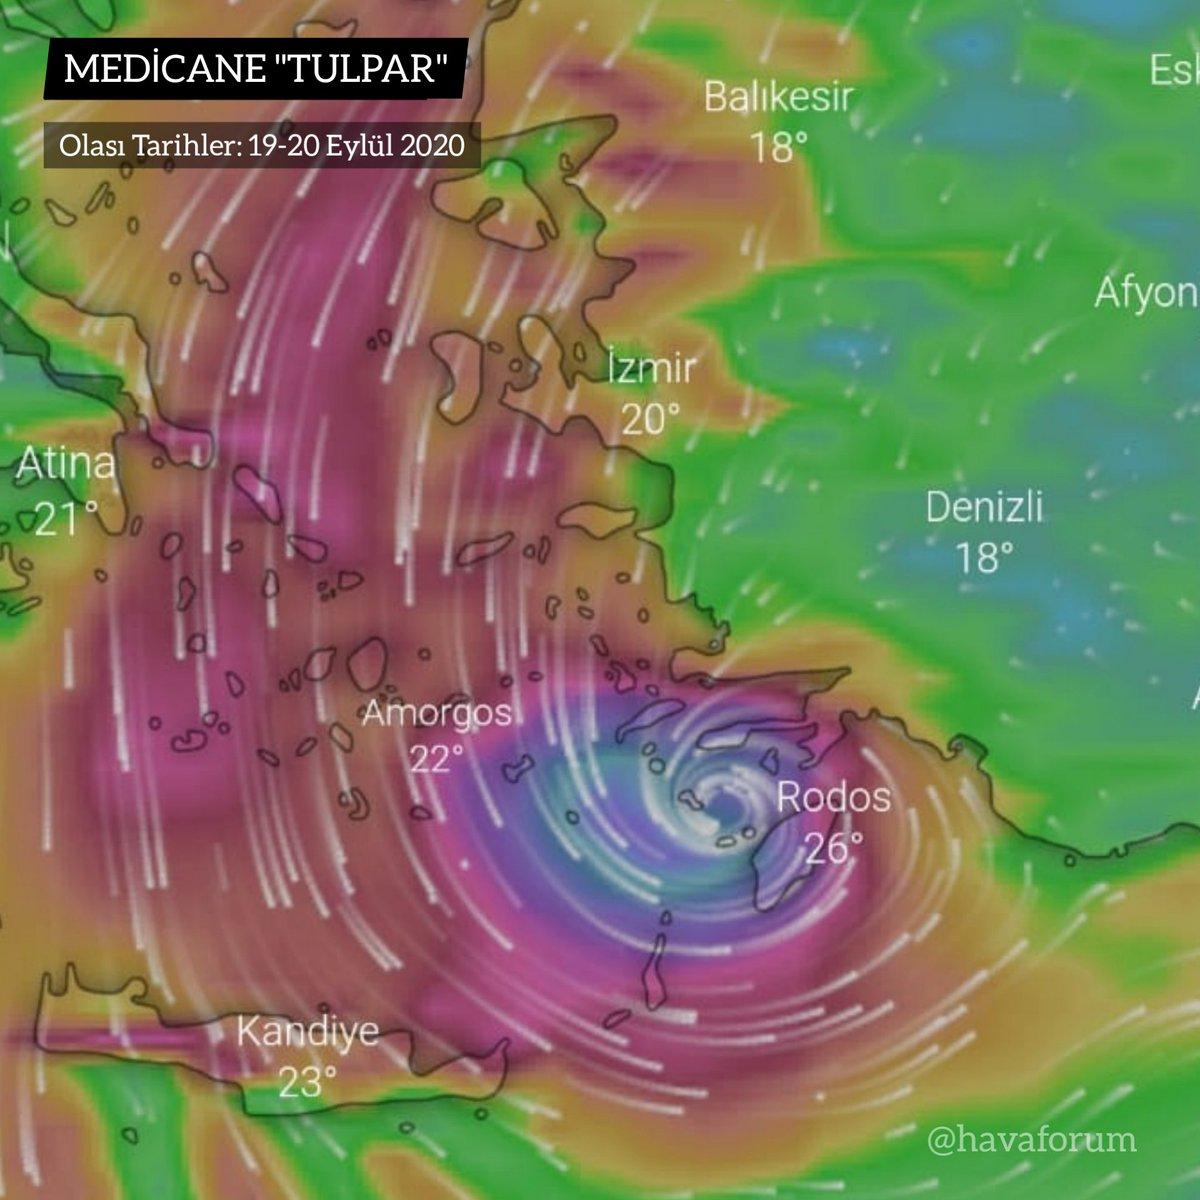 """Akdeniz ve Ege'de görülmemiş meteorolojik hareketlilik yaşanıyor. Meteorolojik tahmin modelleri tropikal medicane olarak adlandırılan kasırga benzeri hadise senaryosu üretiyor. Doğa olaylarına ilgi duyanları, """"Tulpar"""" fırtınası heyecanlandırıyor. 🌪🌀  #TulparFırtınası #Tulpar https://t.co/HkjpoVLSSp"""